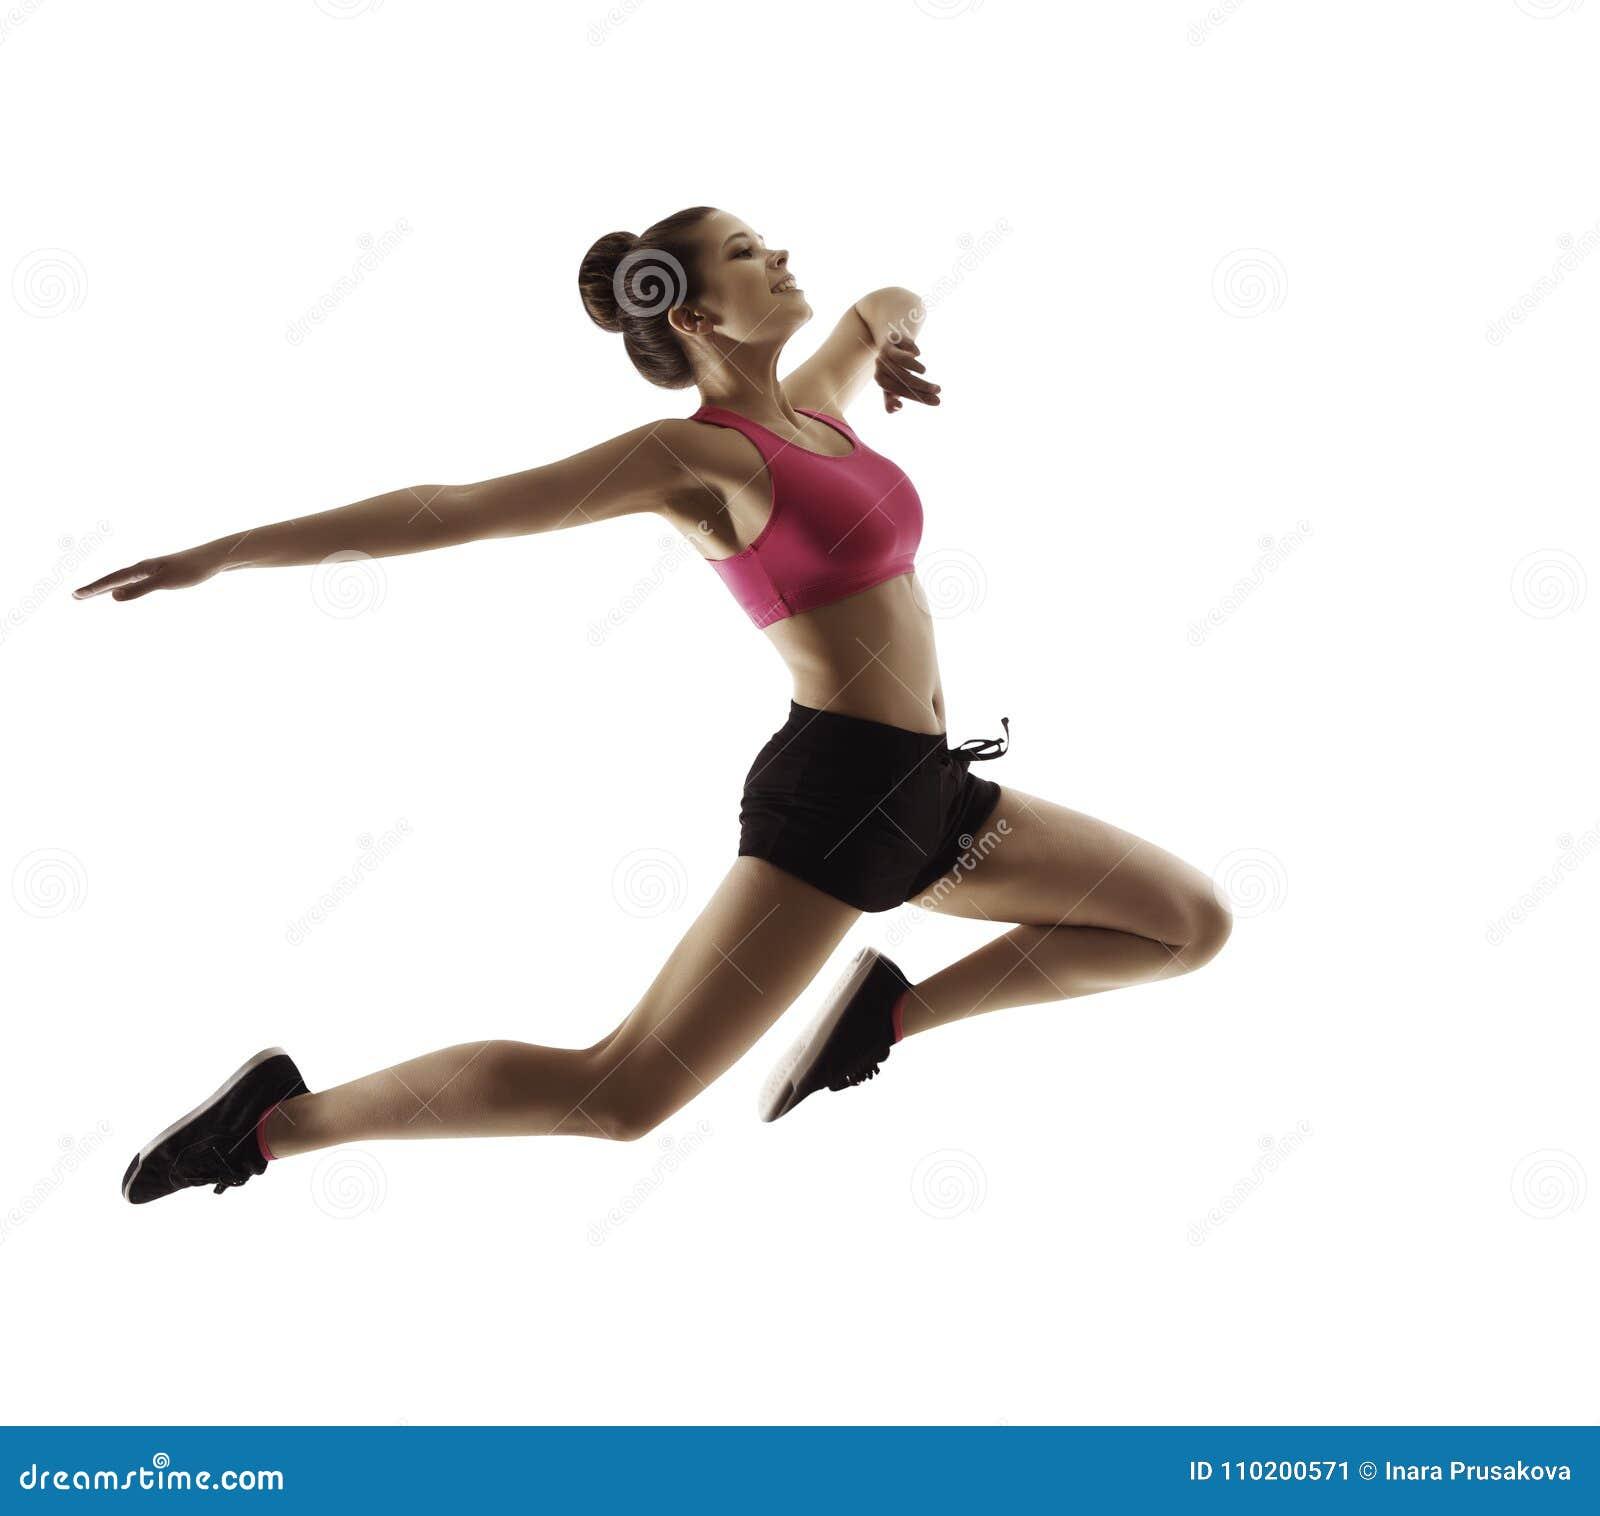 Πηδώντας αθλήτρια, ευτυχές κορίτσι ικανότητας στο άλμα, ενεργοί άνθρωποι